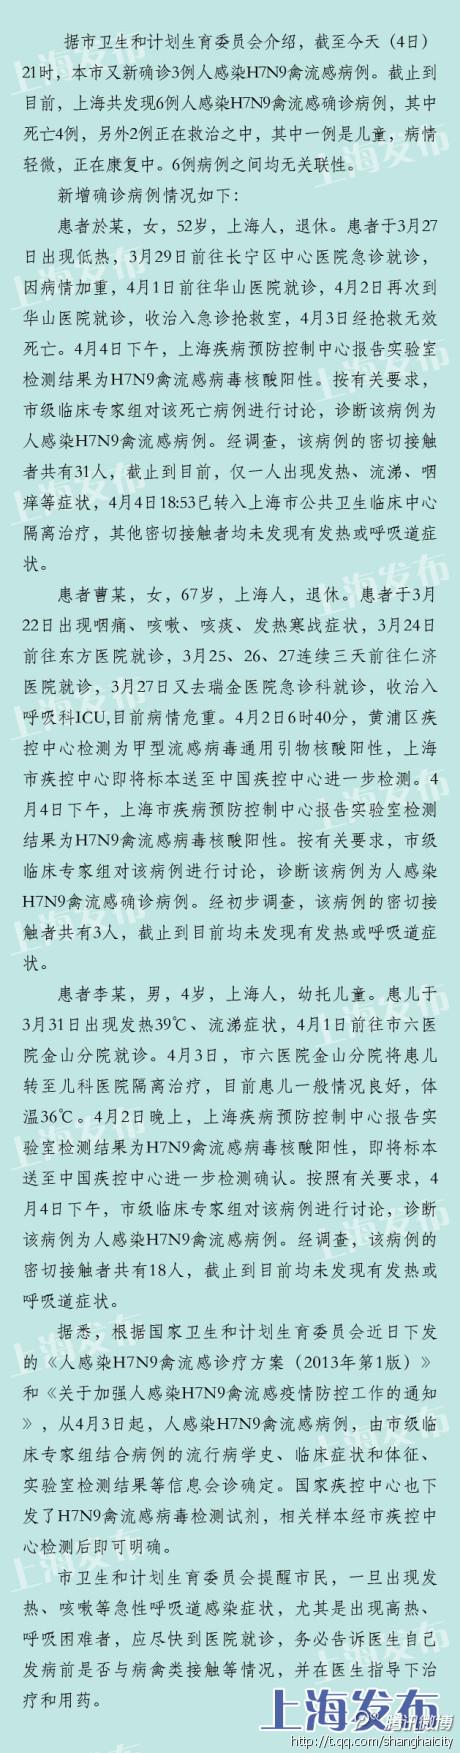 中新网4月5日电据上海市政府新闻办公室官方微博消息,截至4日21时,上海又确诊3例人感染H7N9禽流感病例,加上4日18时23分公布的1例,4日共确诊4例。